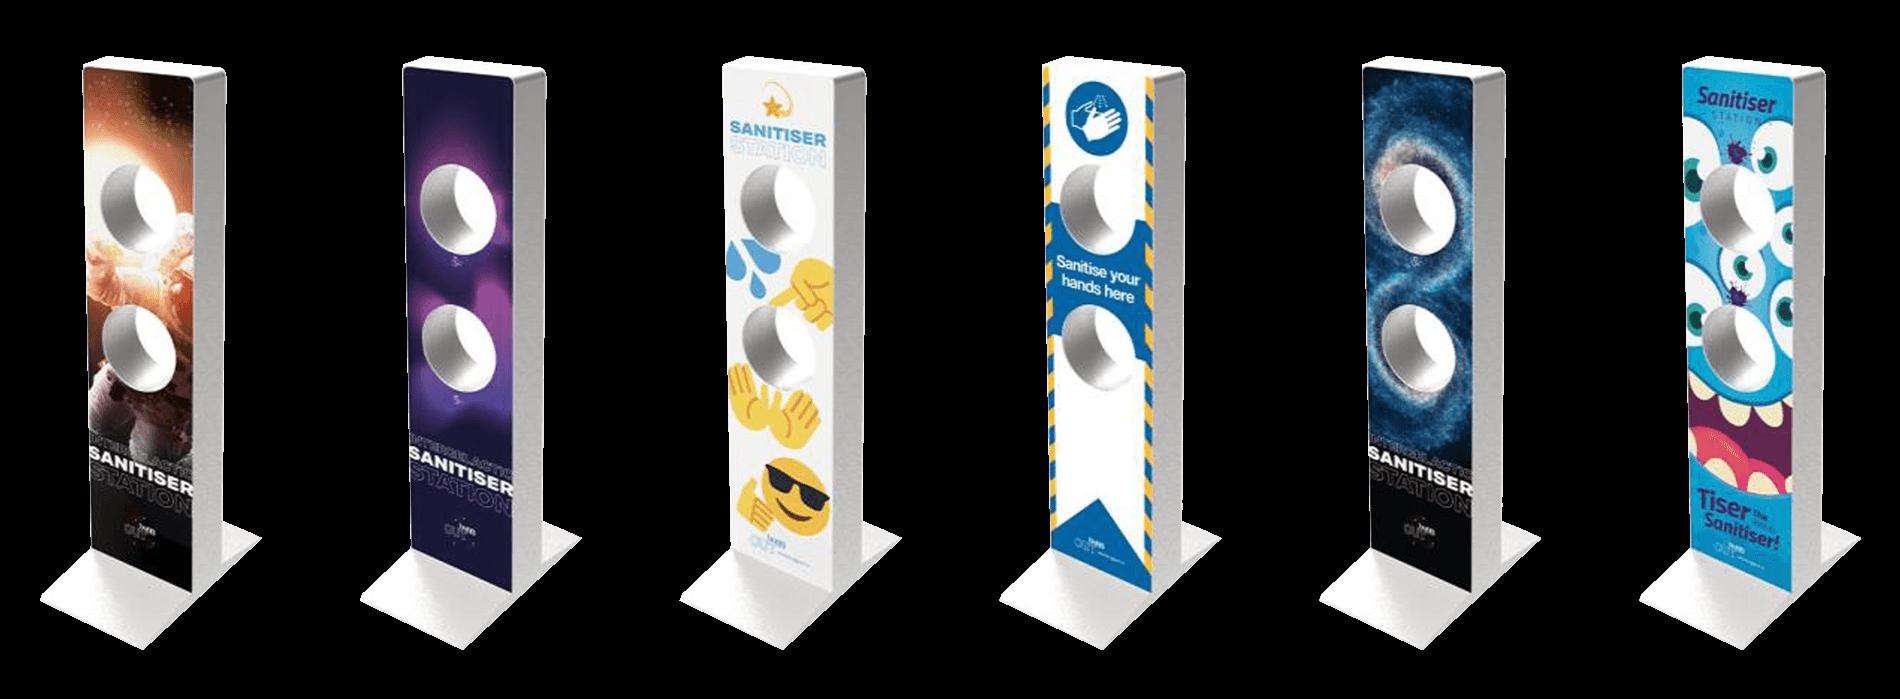 Polar Duo Spritdispenser - Eget design